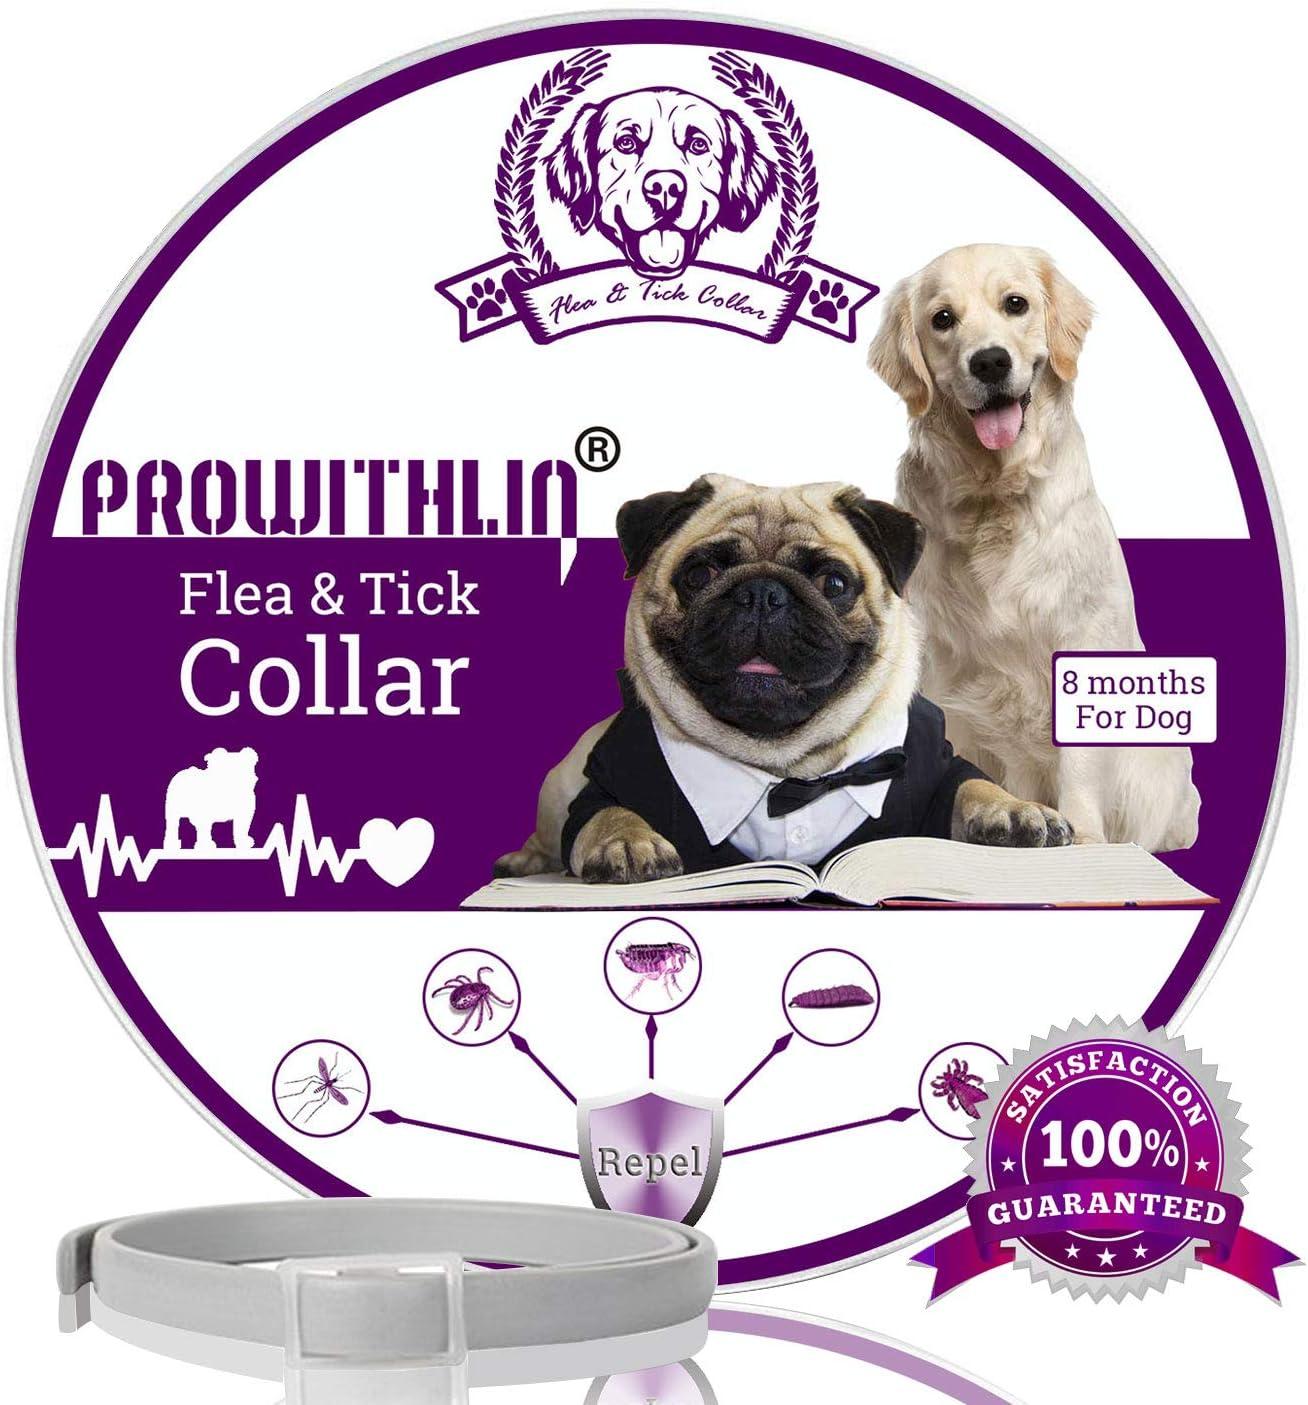 prowithlin Collar Antiparasitario para Perros contra Pulgas, Garrapatas Y Mosquitos, 8 Meses de Duración de Protección, Composición de Aceite Natural, No tóxico y Seguro